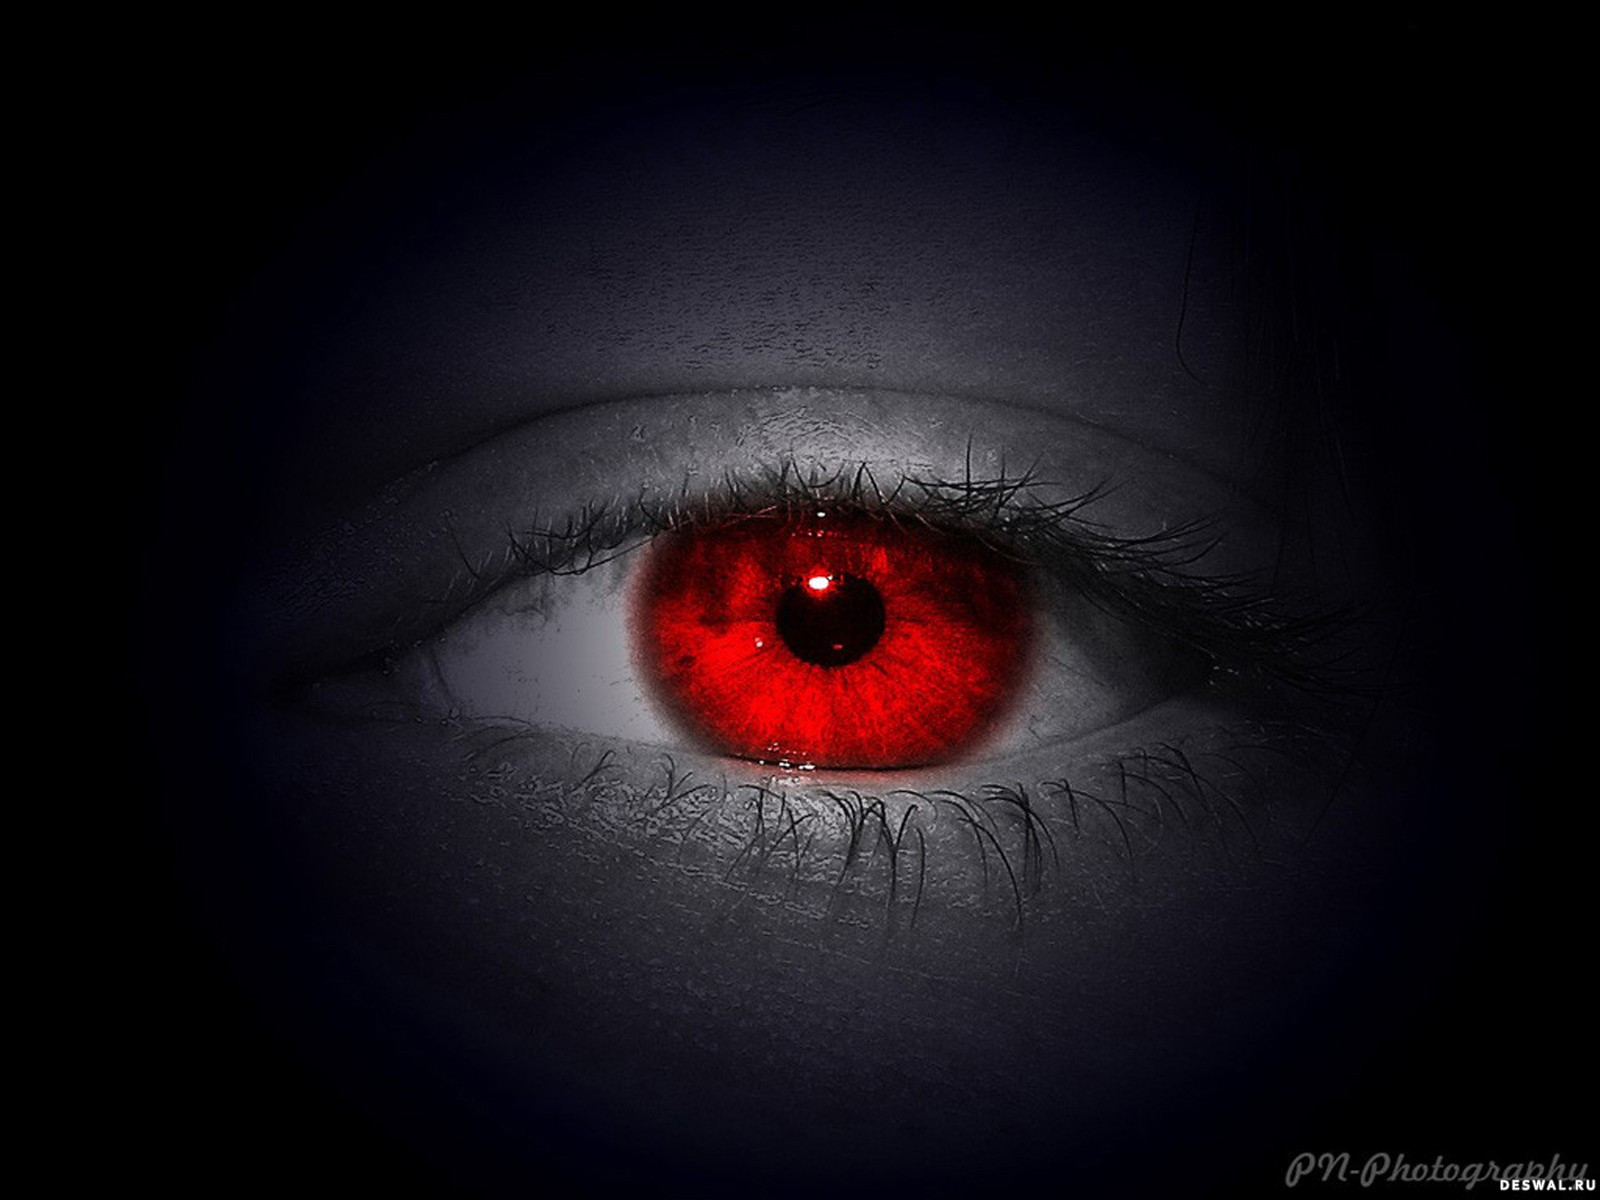 Фото 17.. Нажмите на картинку с обоями глаз, чтобы просмотреть ее в реальном размере